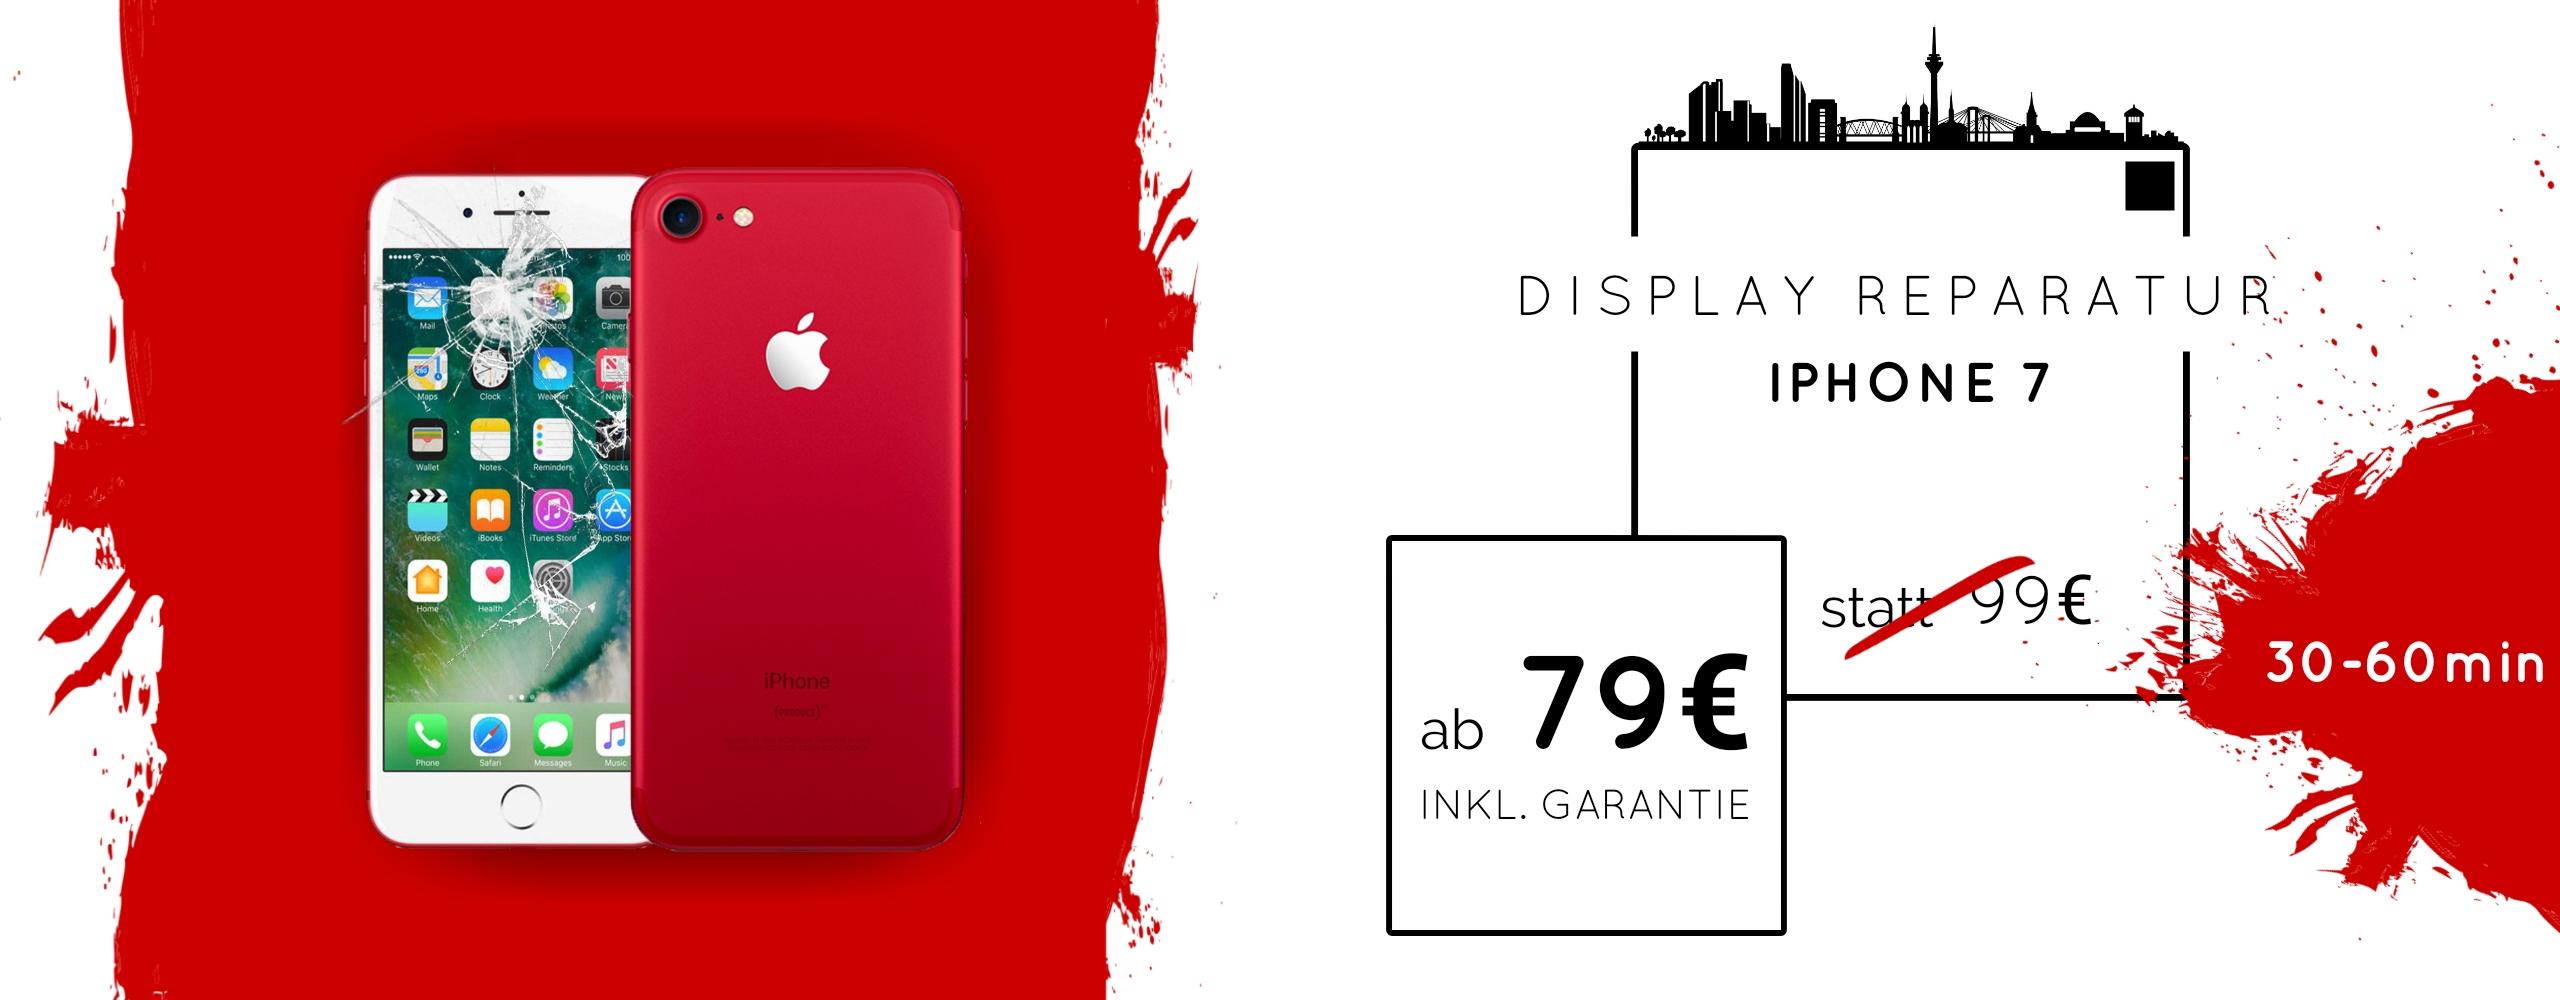 Smartphone Apple iPhone 7 Display Gals Reparatur Austausch